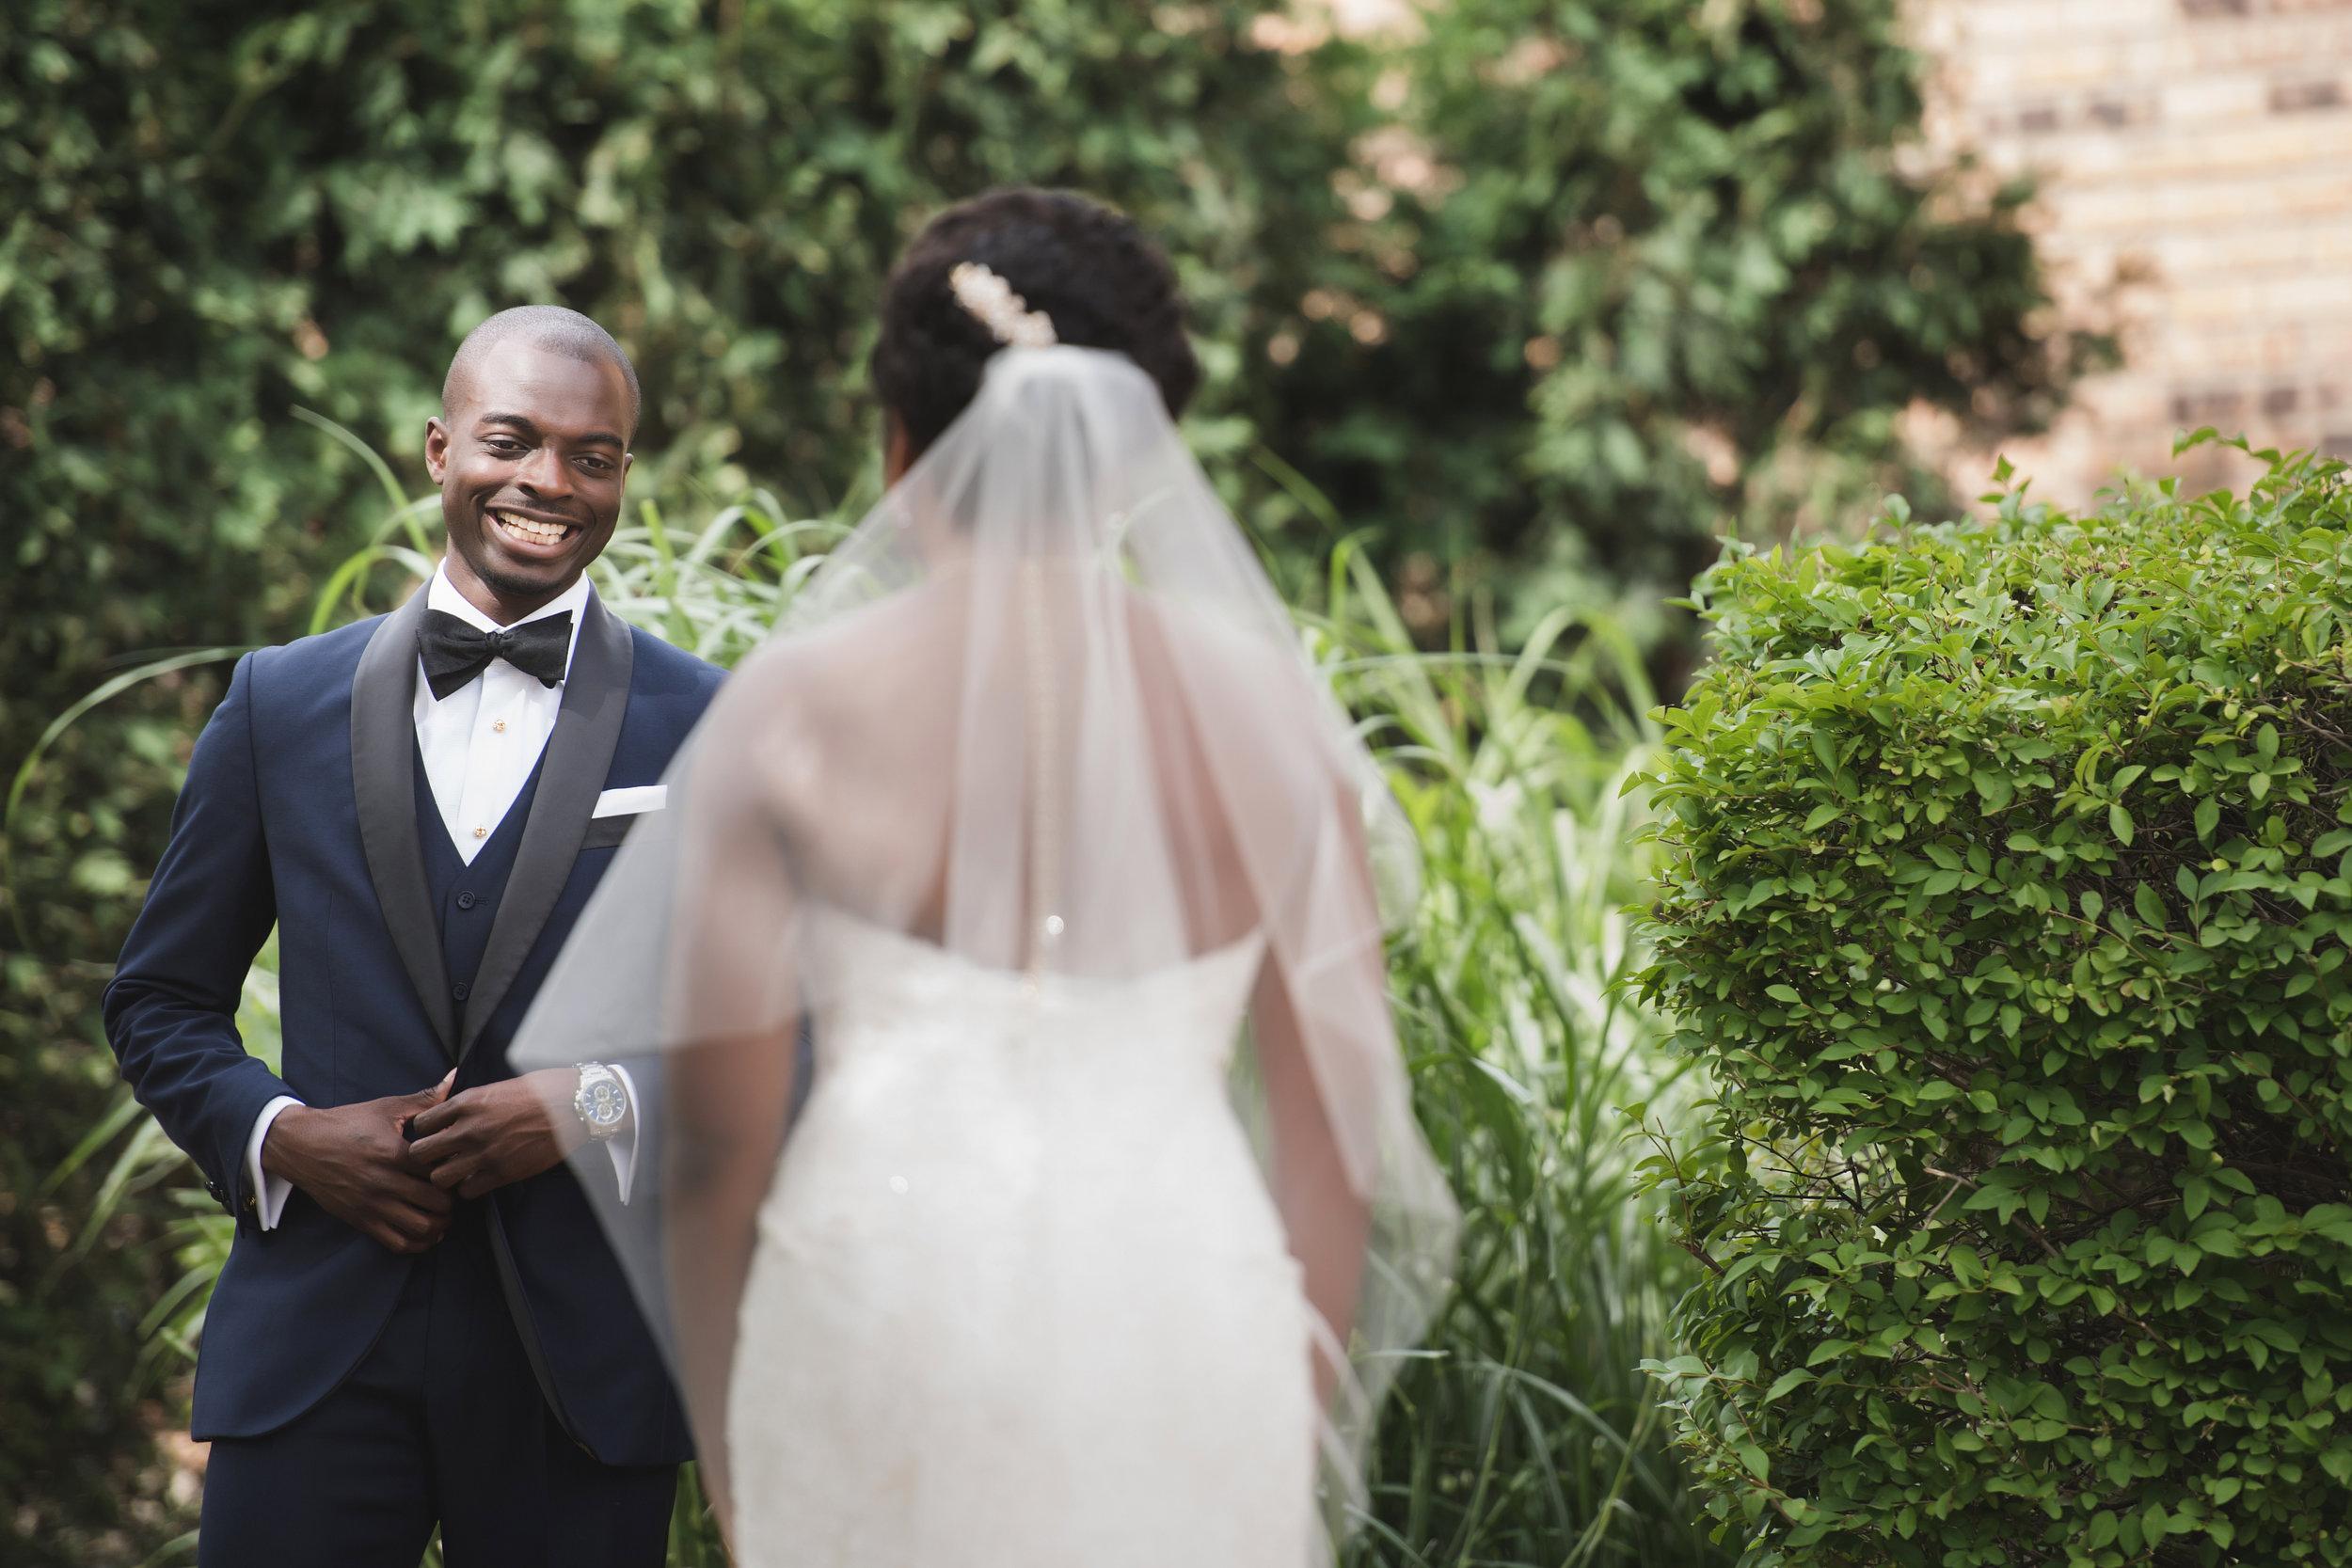 african-american-groom-bride-wedding-first-look